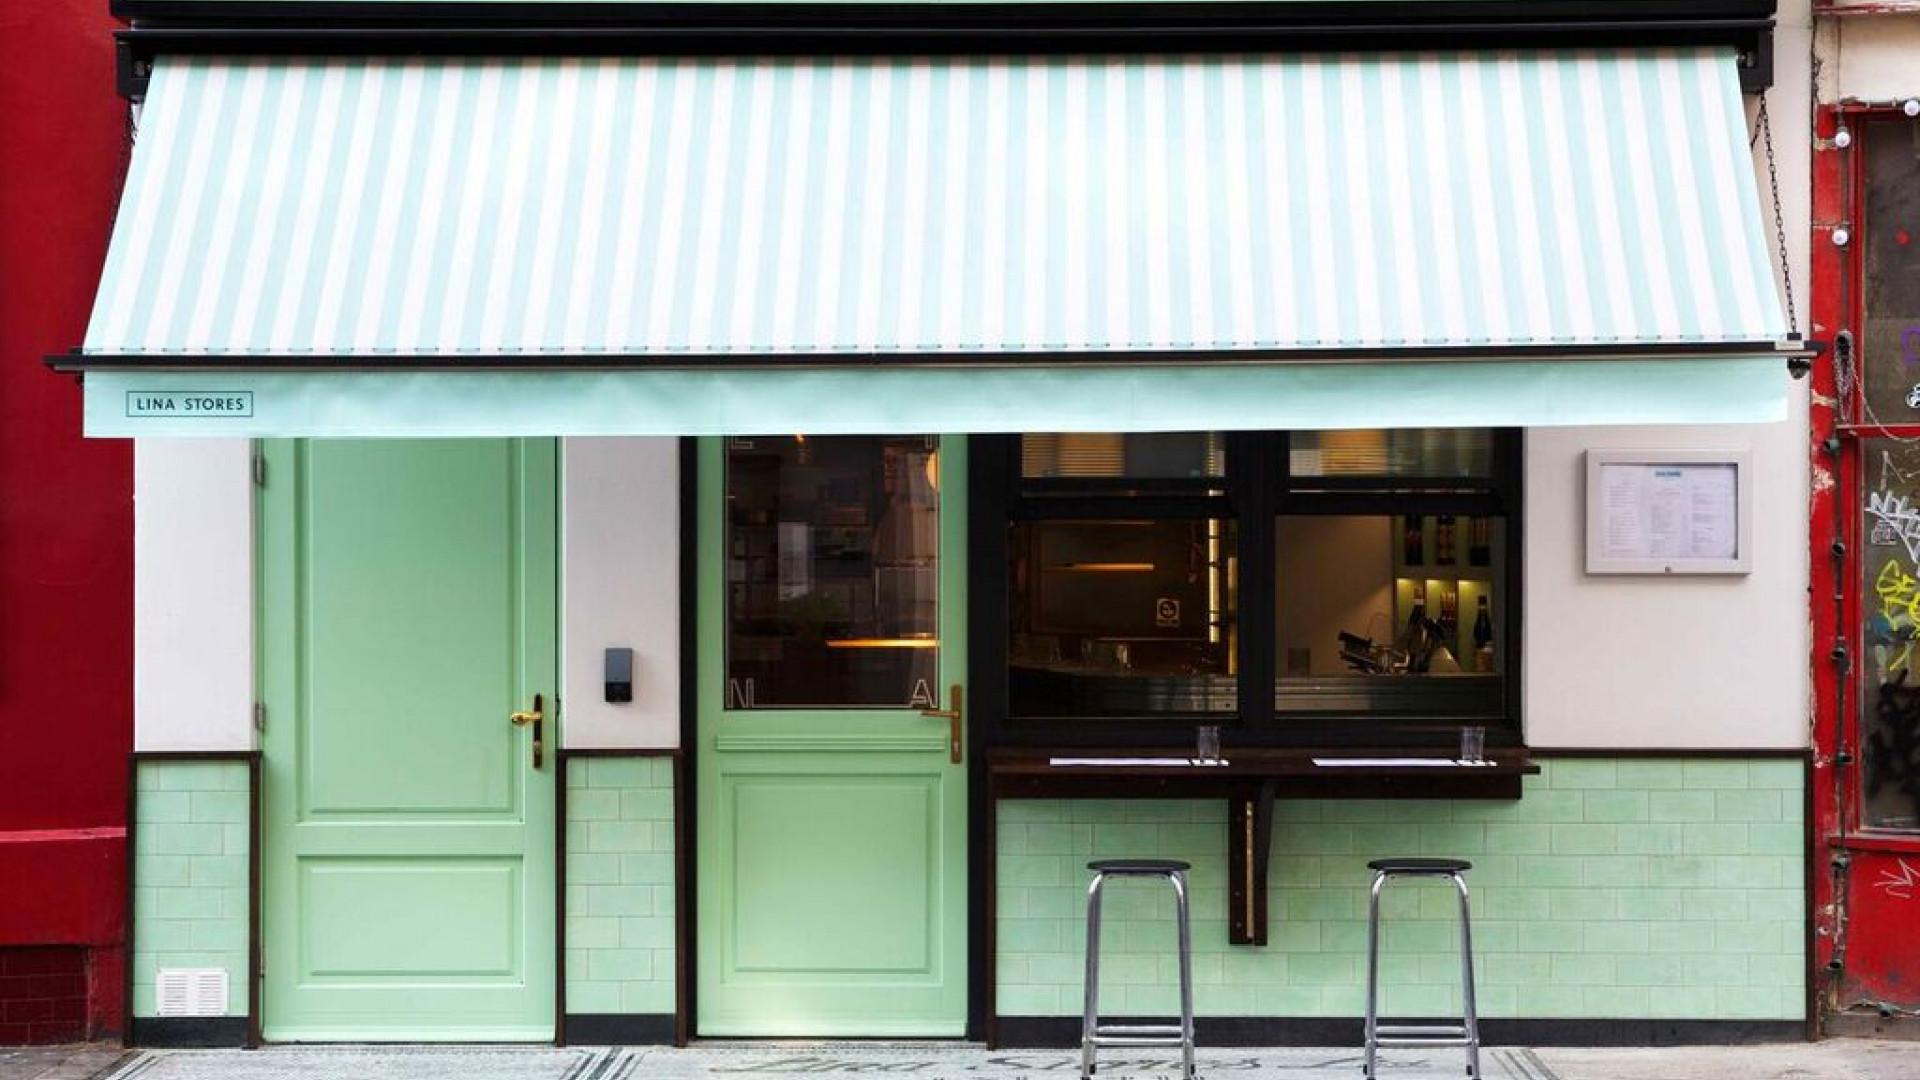 Soho restaurant guide: Lina Stores